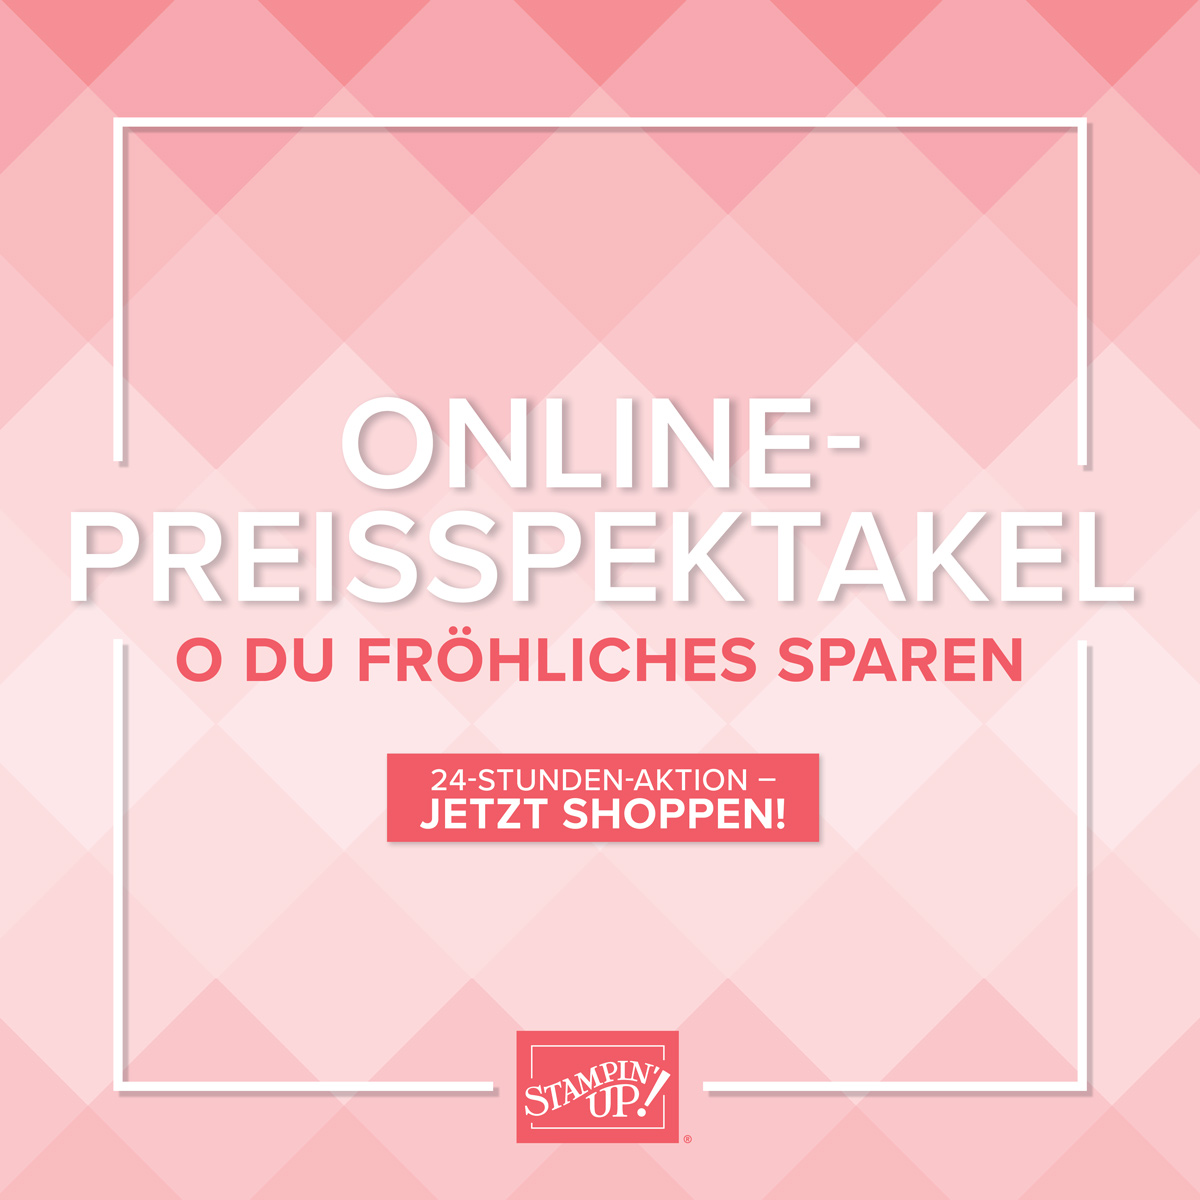 Online Preisspektakel O Du fröhliches Sparen 24.11.2020